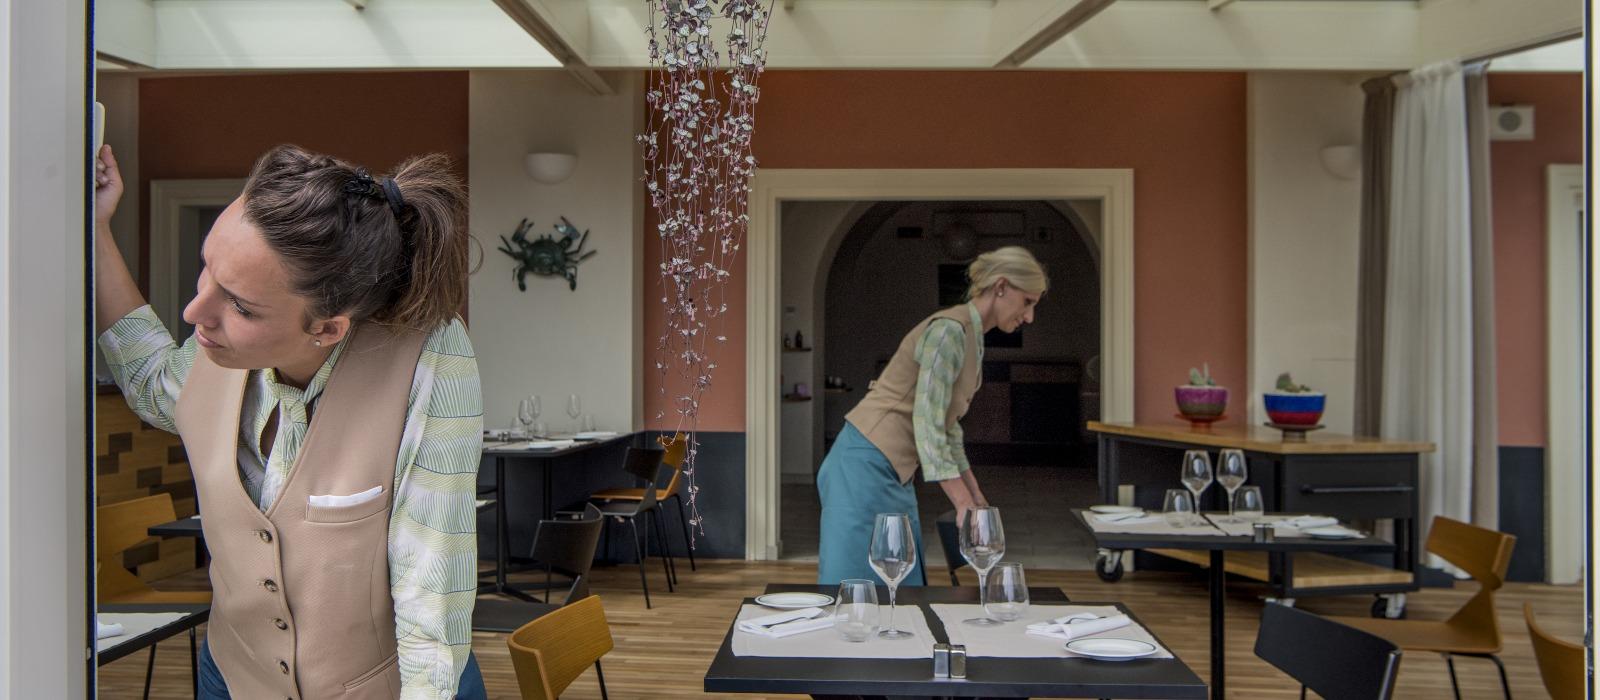 palmaria-ristorante-cameriere-2